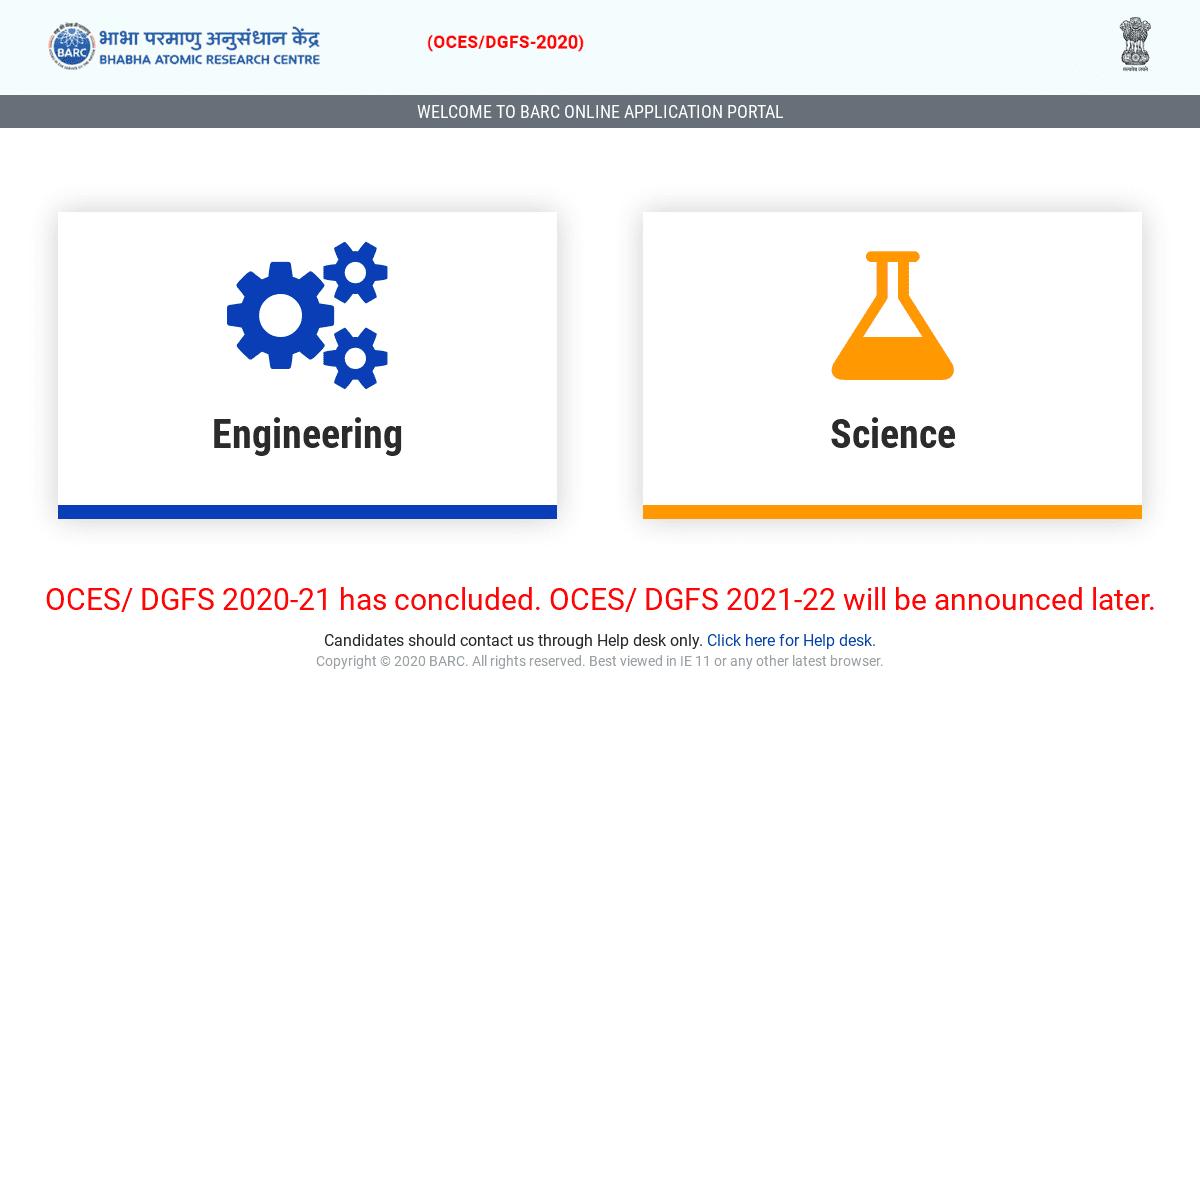 BARC Online Registration